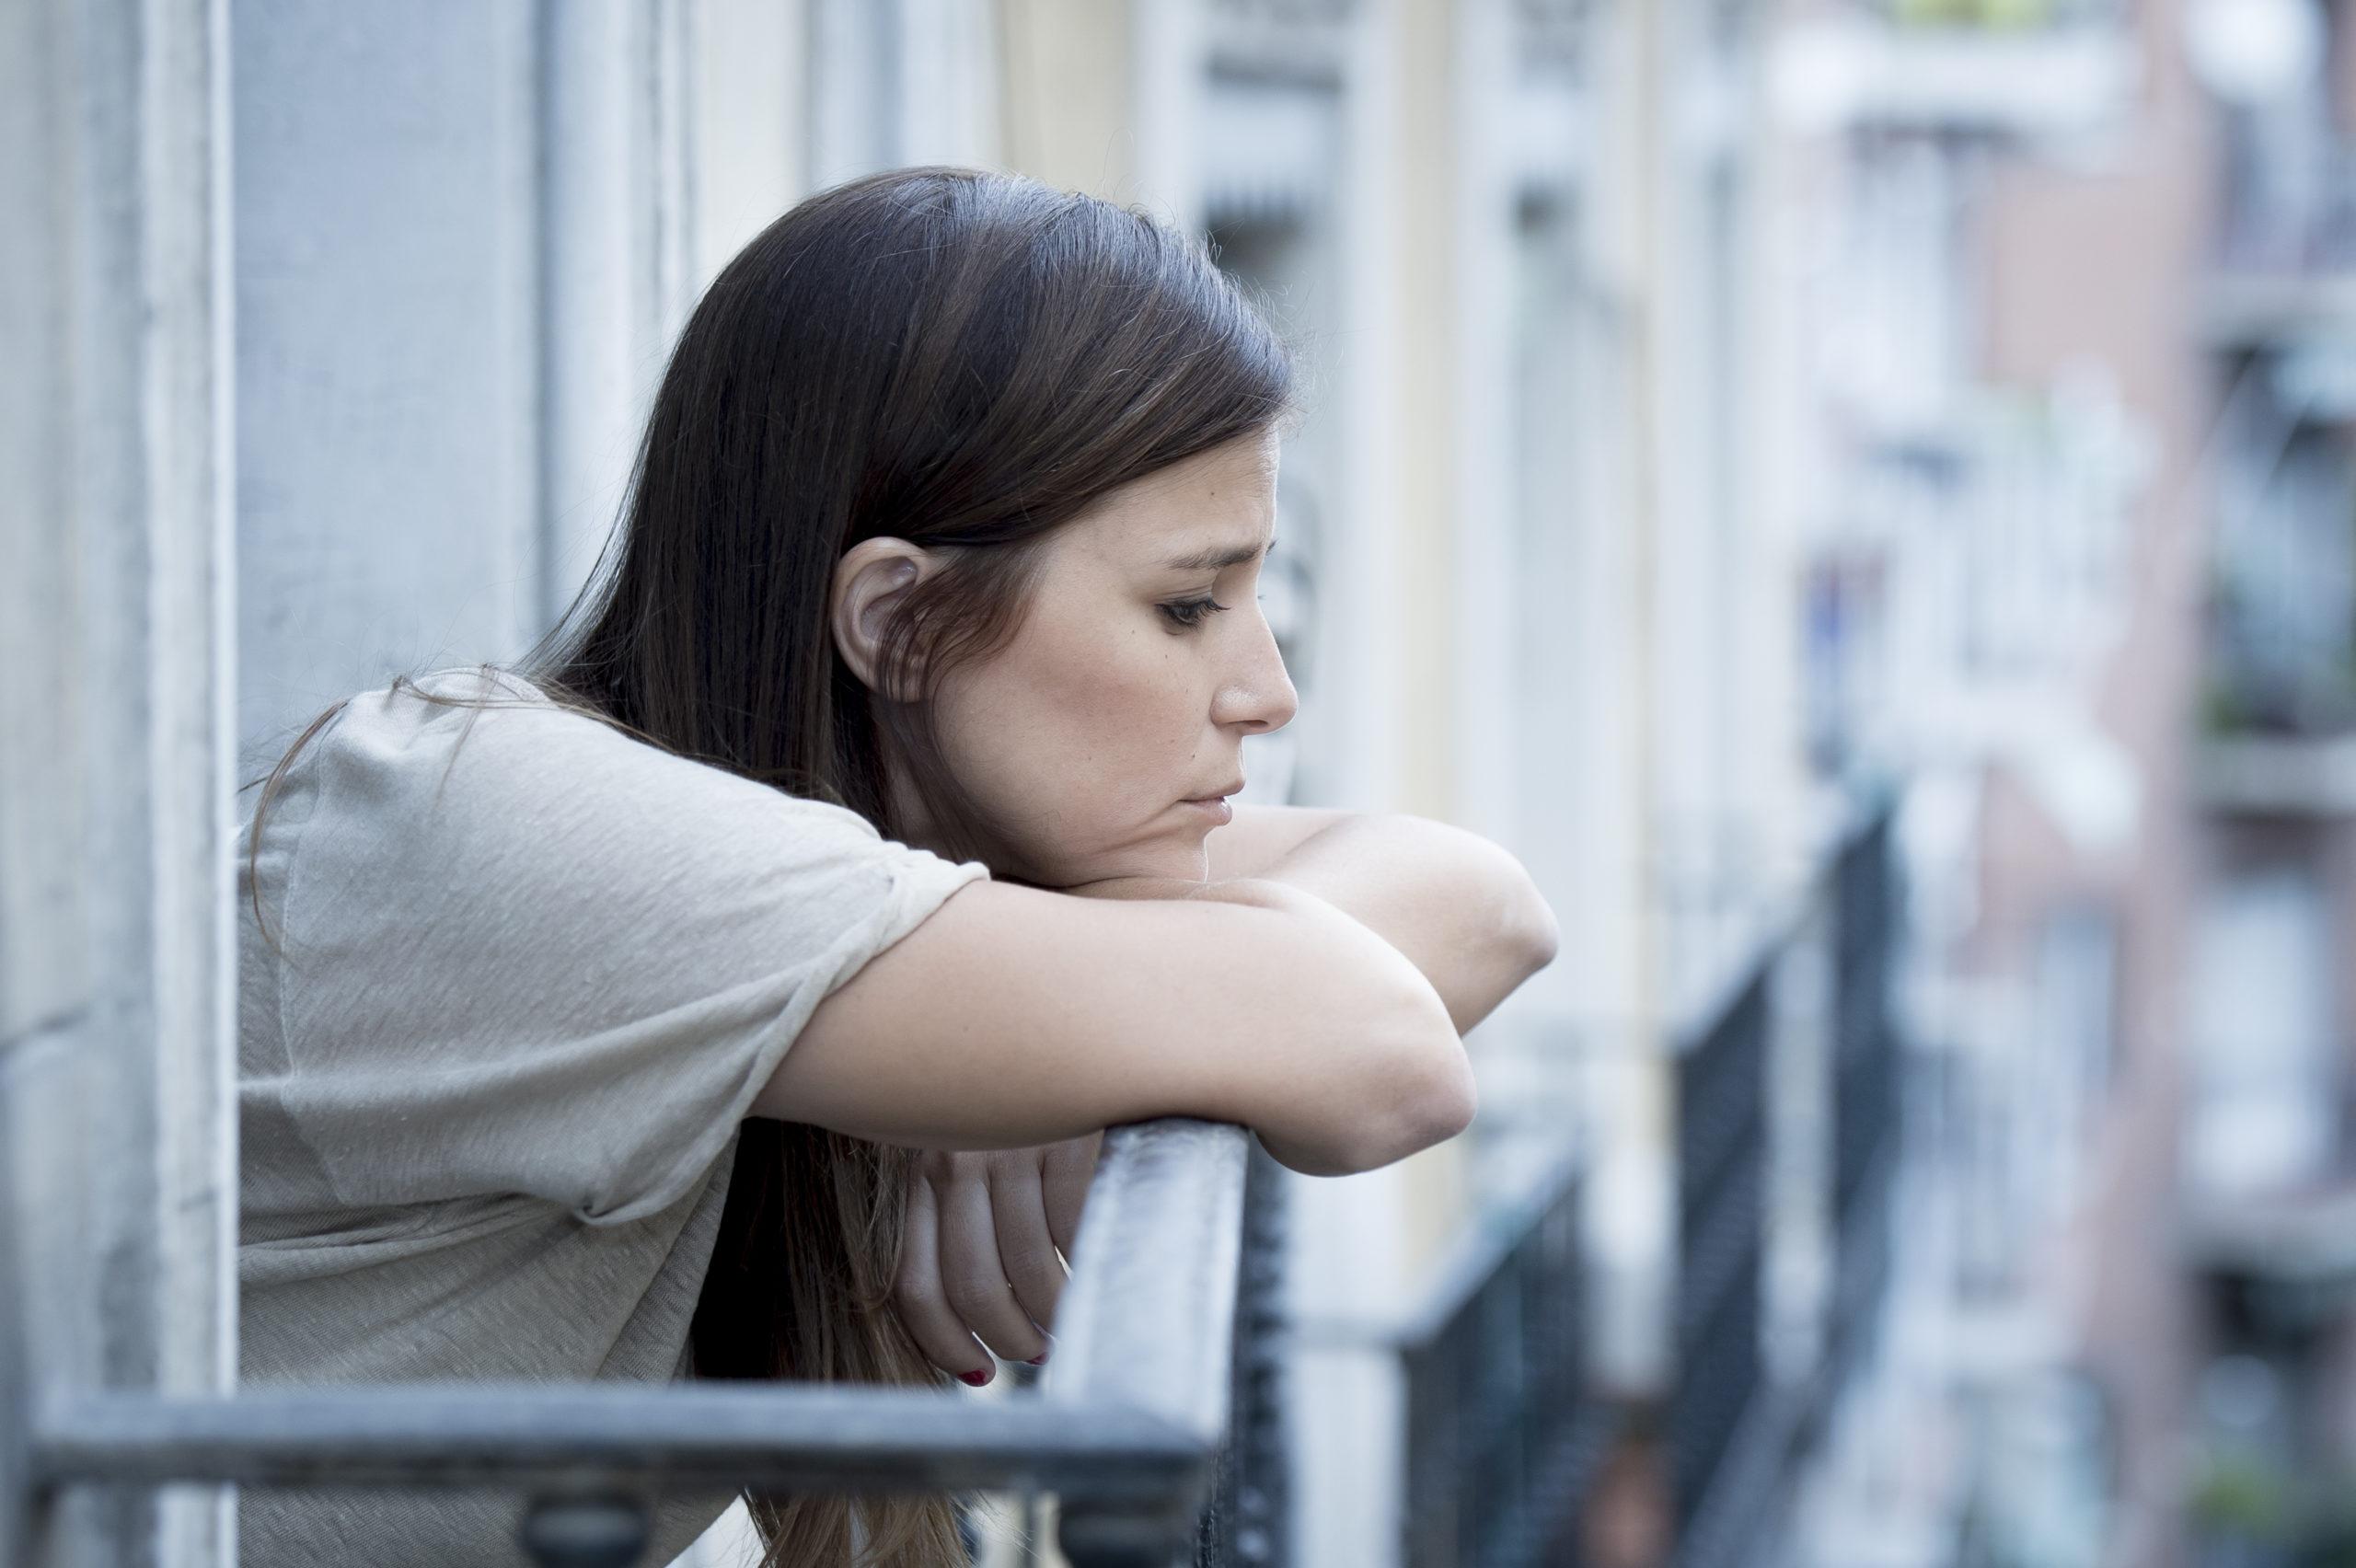 déprime, dépression et décompensation à cause du confinement